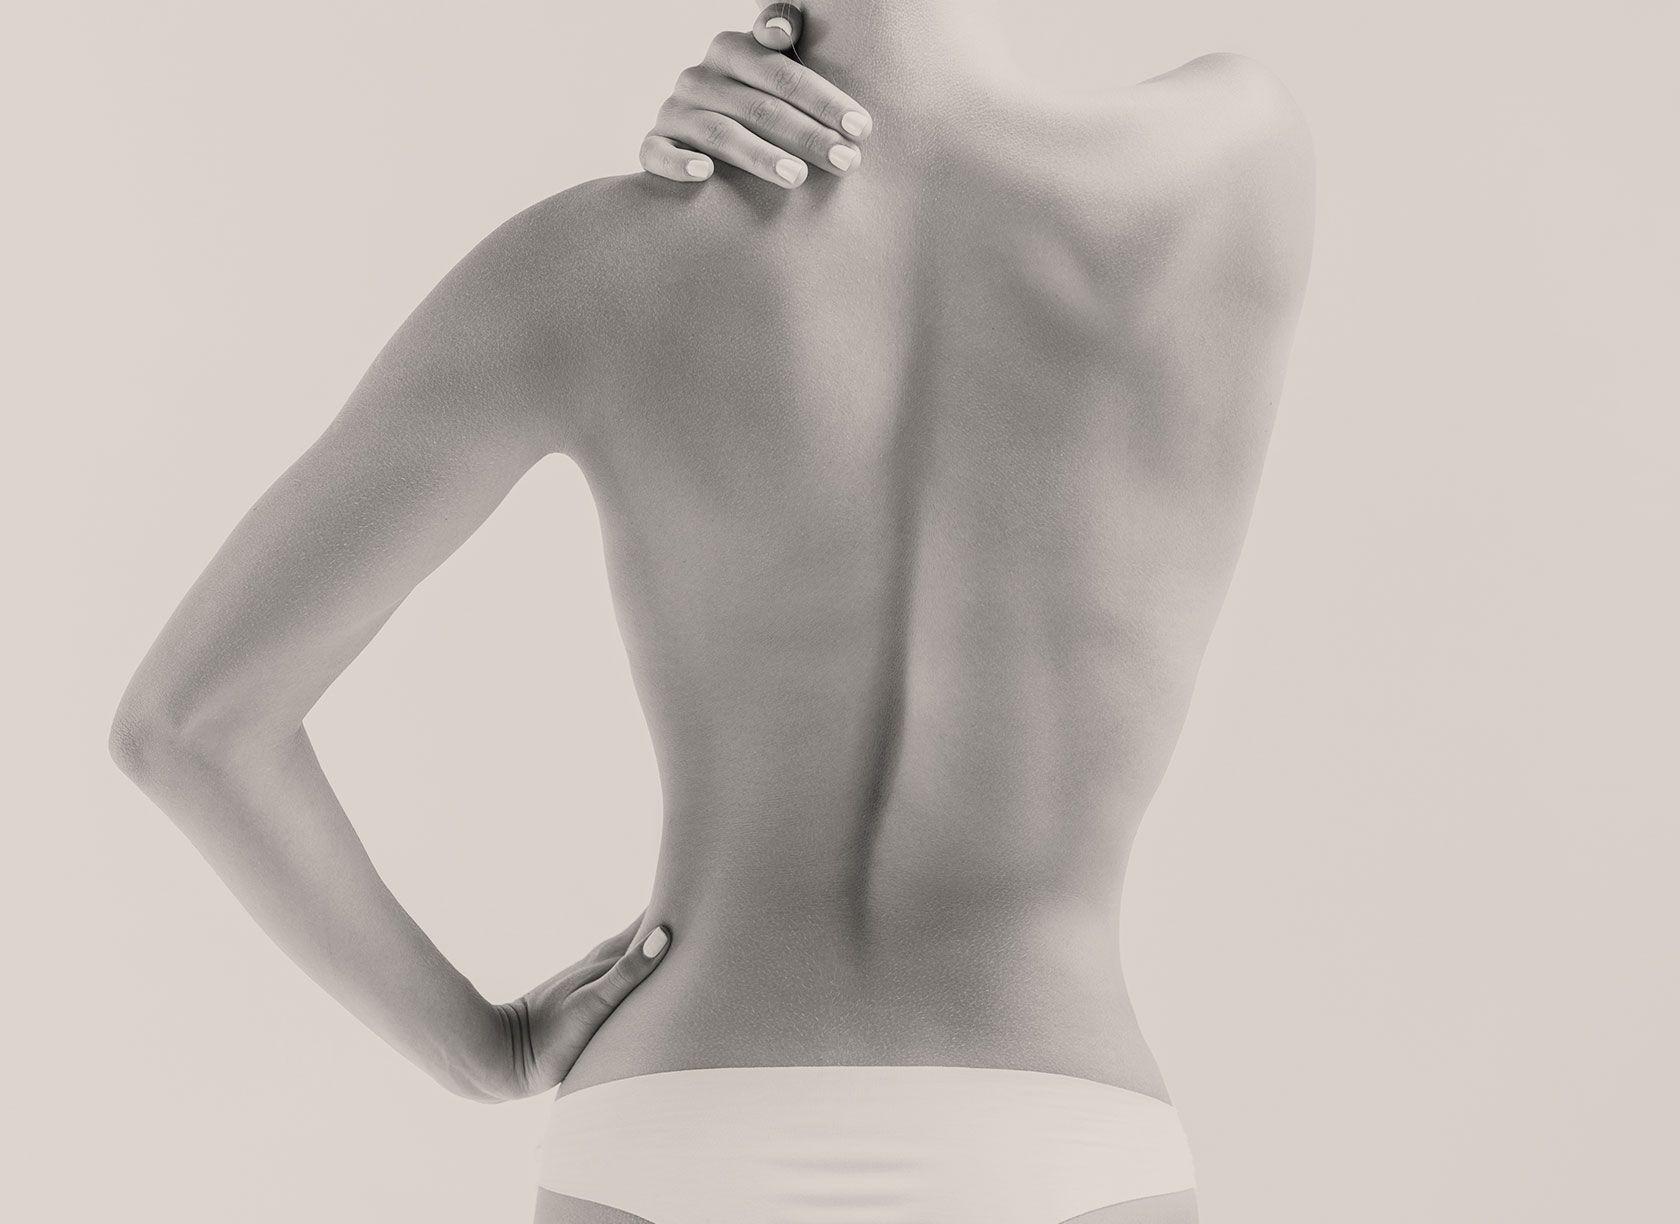 Les interventions de chirurgie du dos à Paris 8 par le Dr Pachet